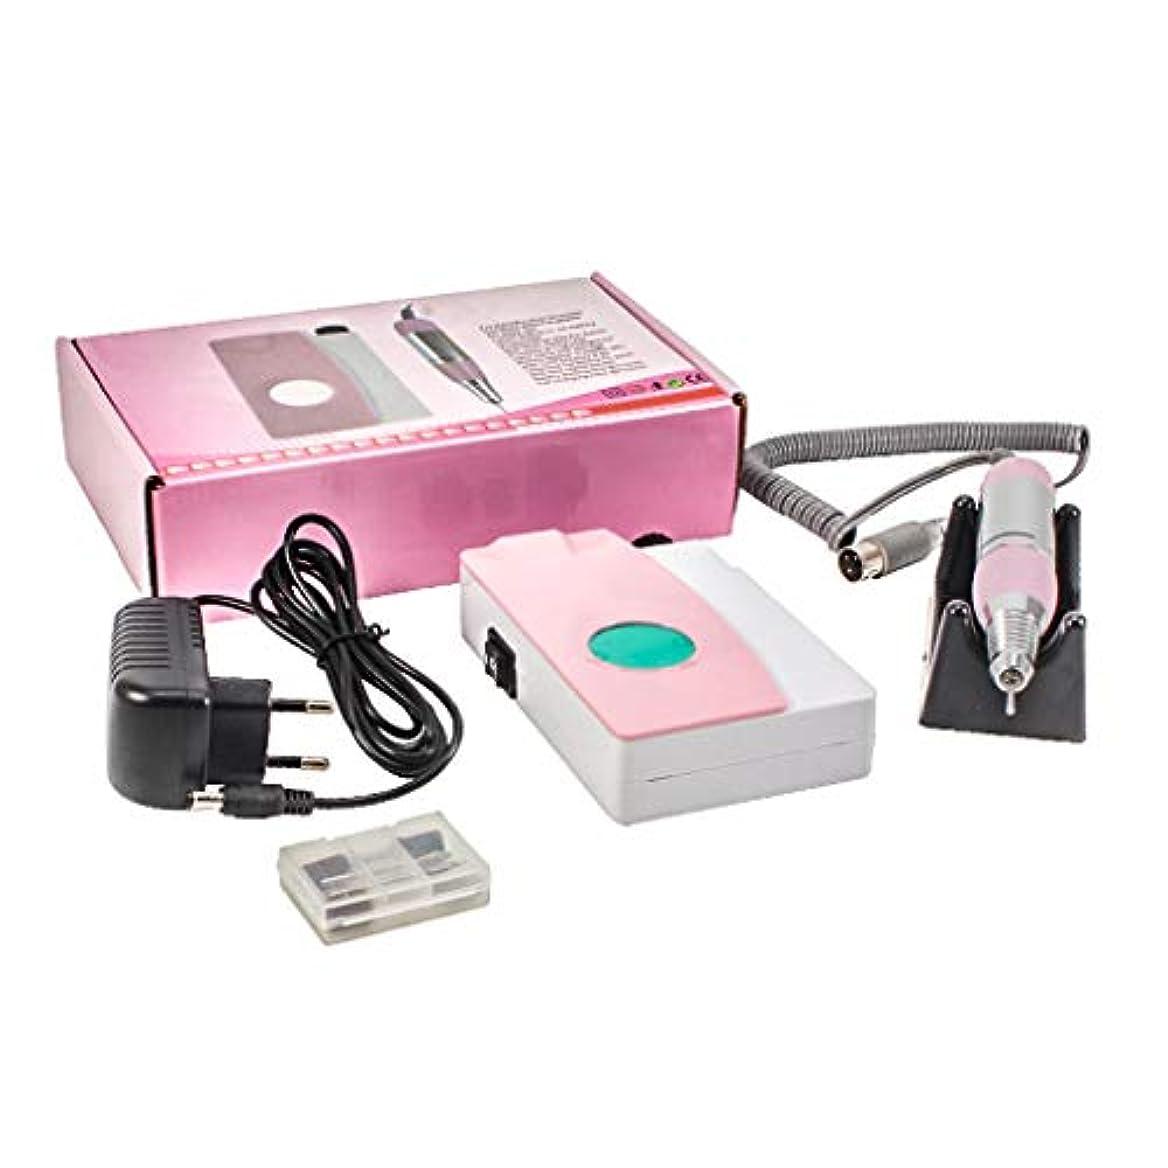 アイロニー吸い込む歌詞電気ネイルファイルドリルマシン、ディスプレイスクリーン、ポータブルコードレス12Vのドリルビット付き充電式研磨機、プロ用または家庭用ネイルアート機器25000 RPM